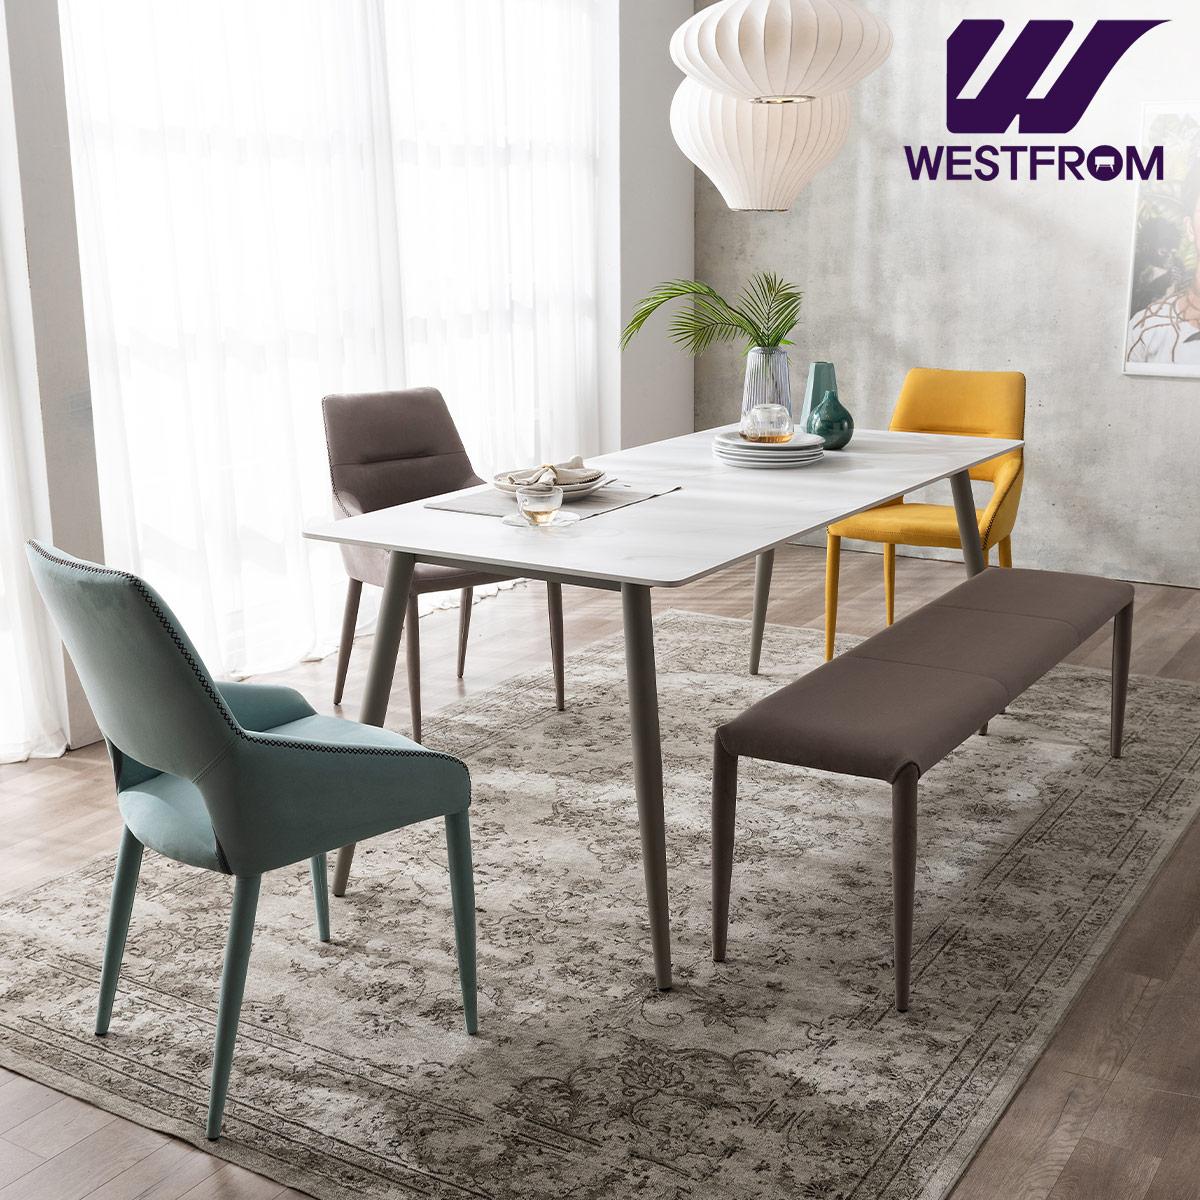 [웨스트프롬] 라클리 이지클린 6인 포세린 세라믹 식탁 + 의자 3개, 벤치 1개